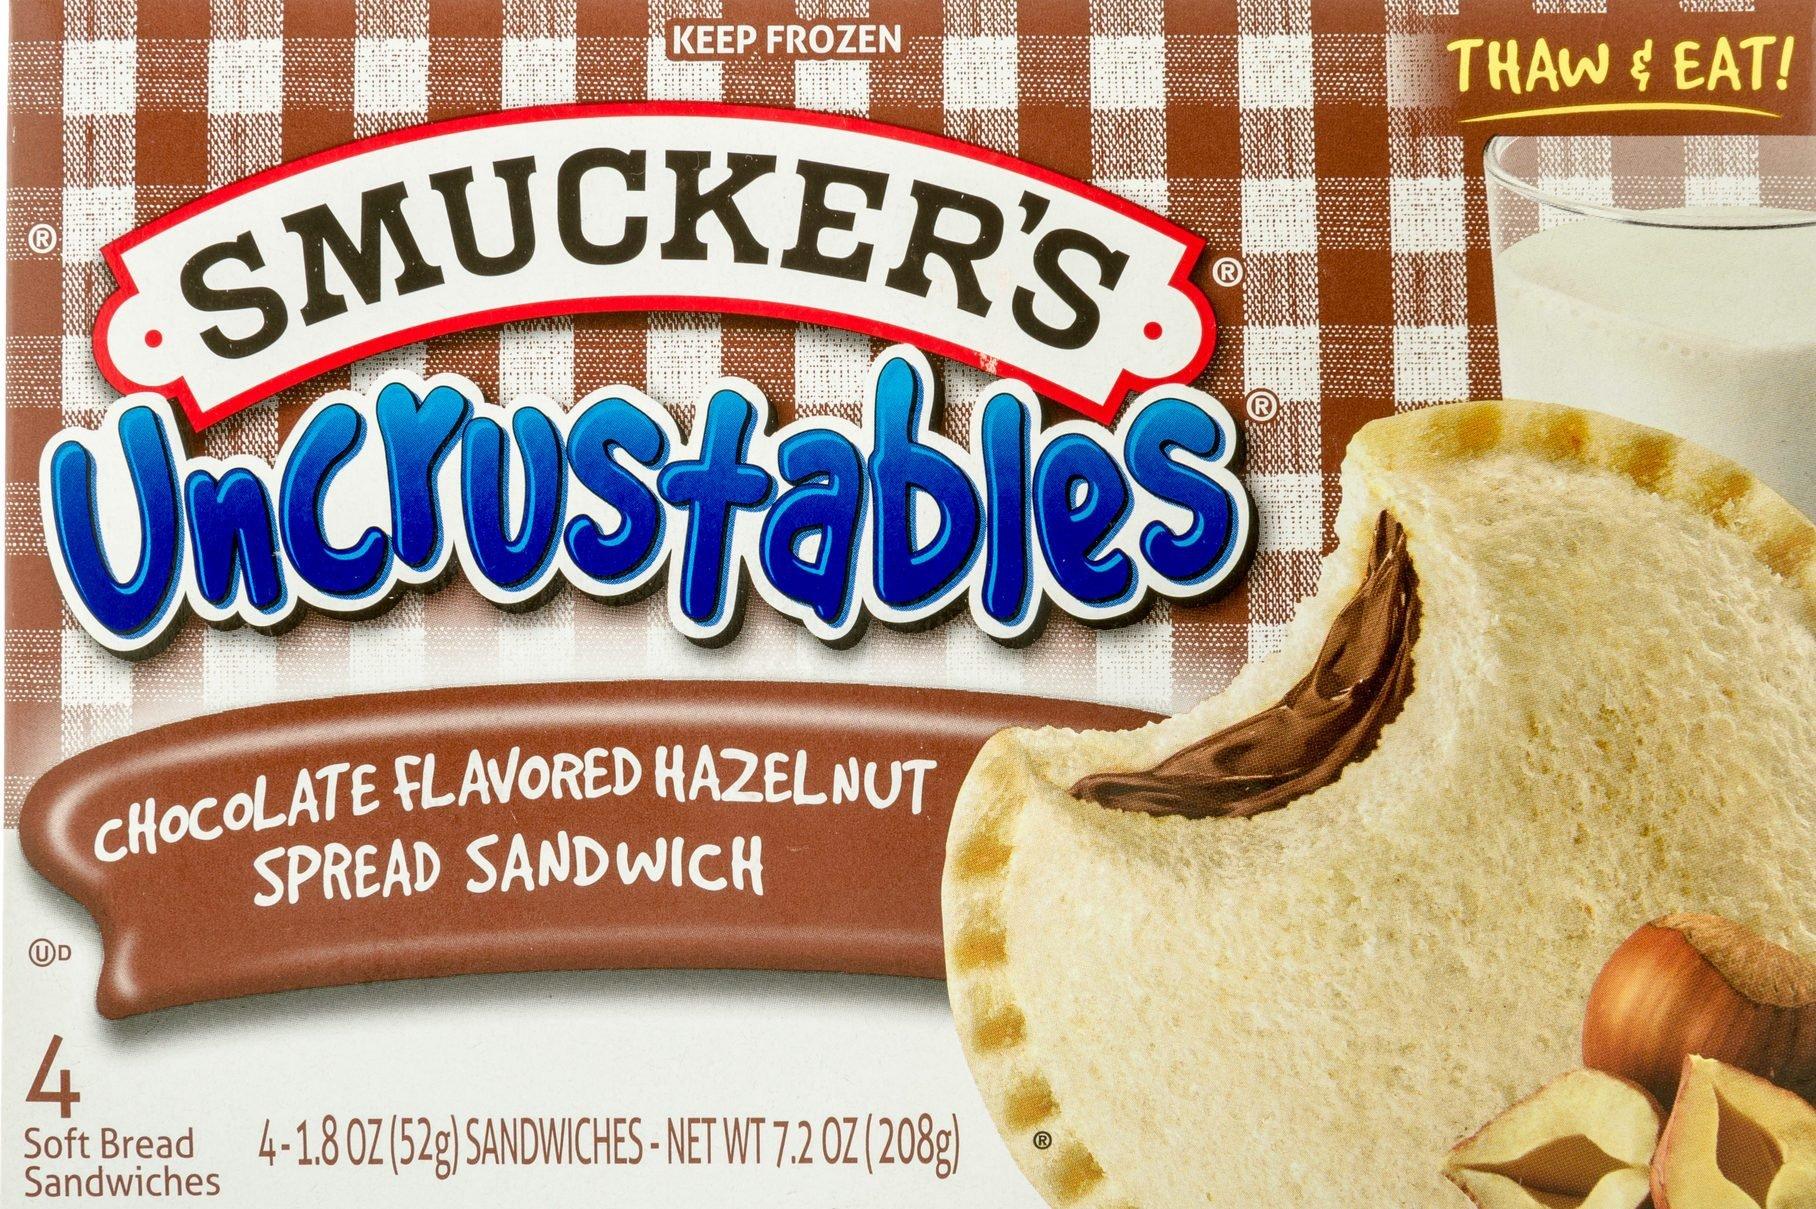 Smuckers Uncrustables Flavor